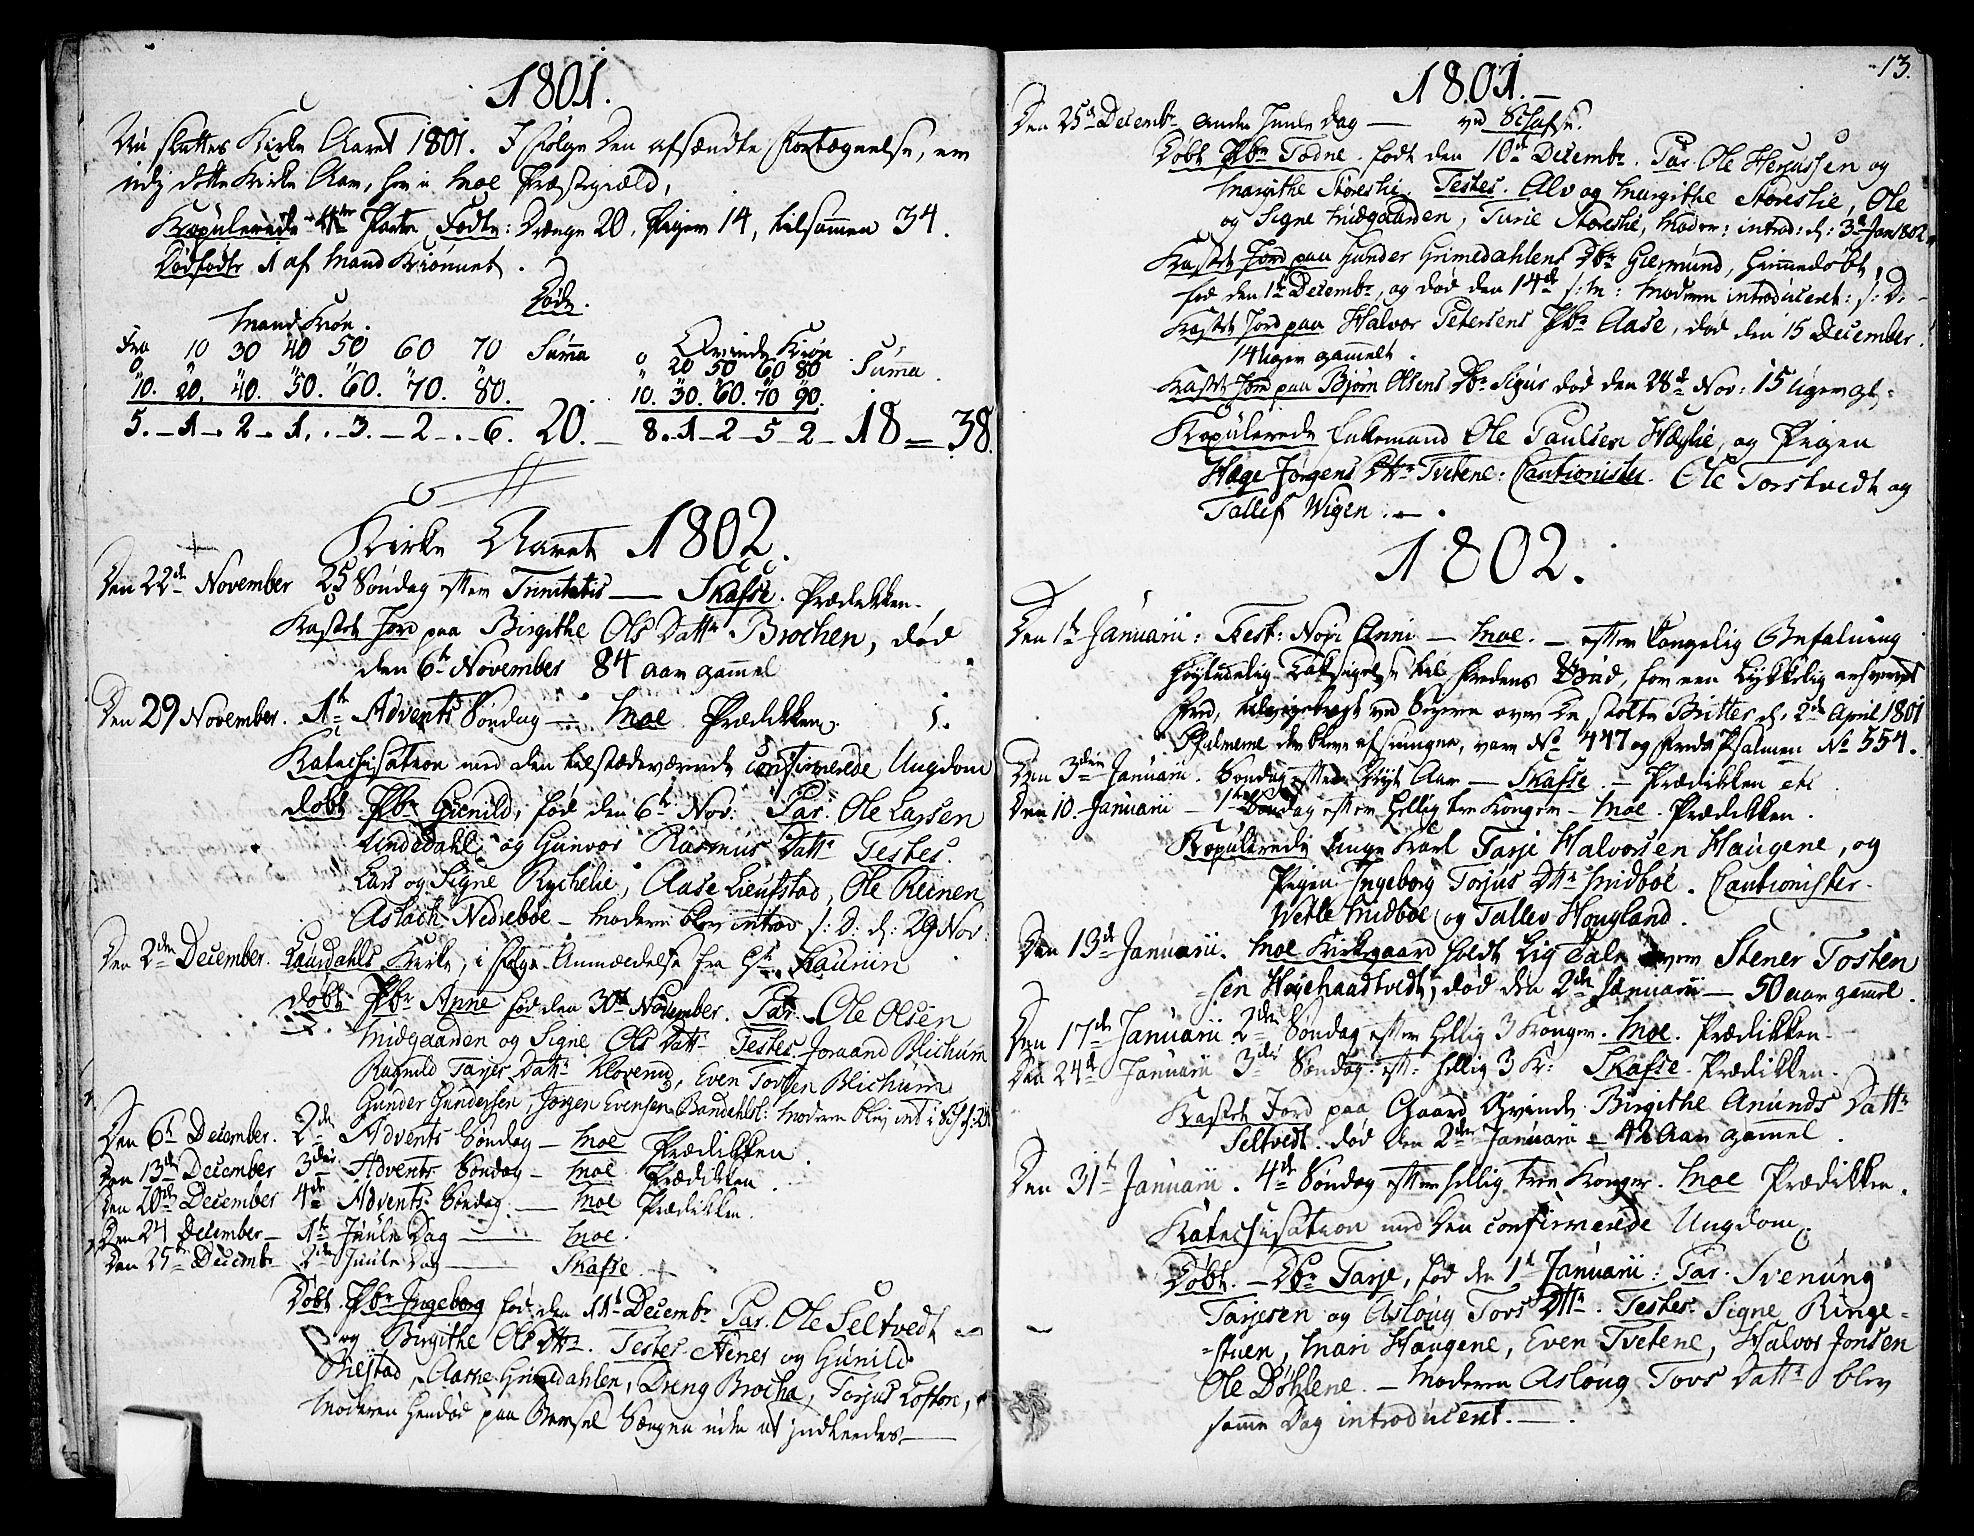 SAKO, Mo kirkebøker, F/Fa/L0003: Ministerialbok nr. I 3, 1800-1814, s. 13